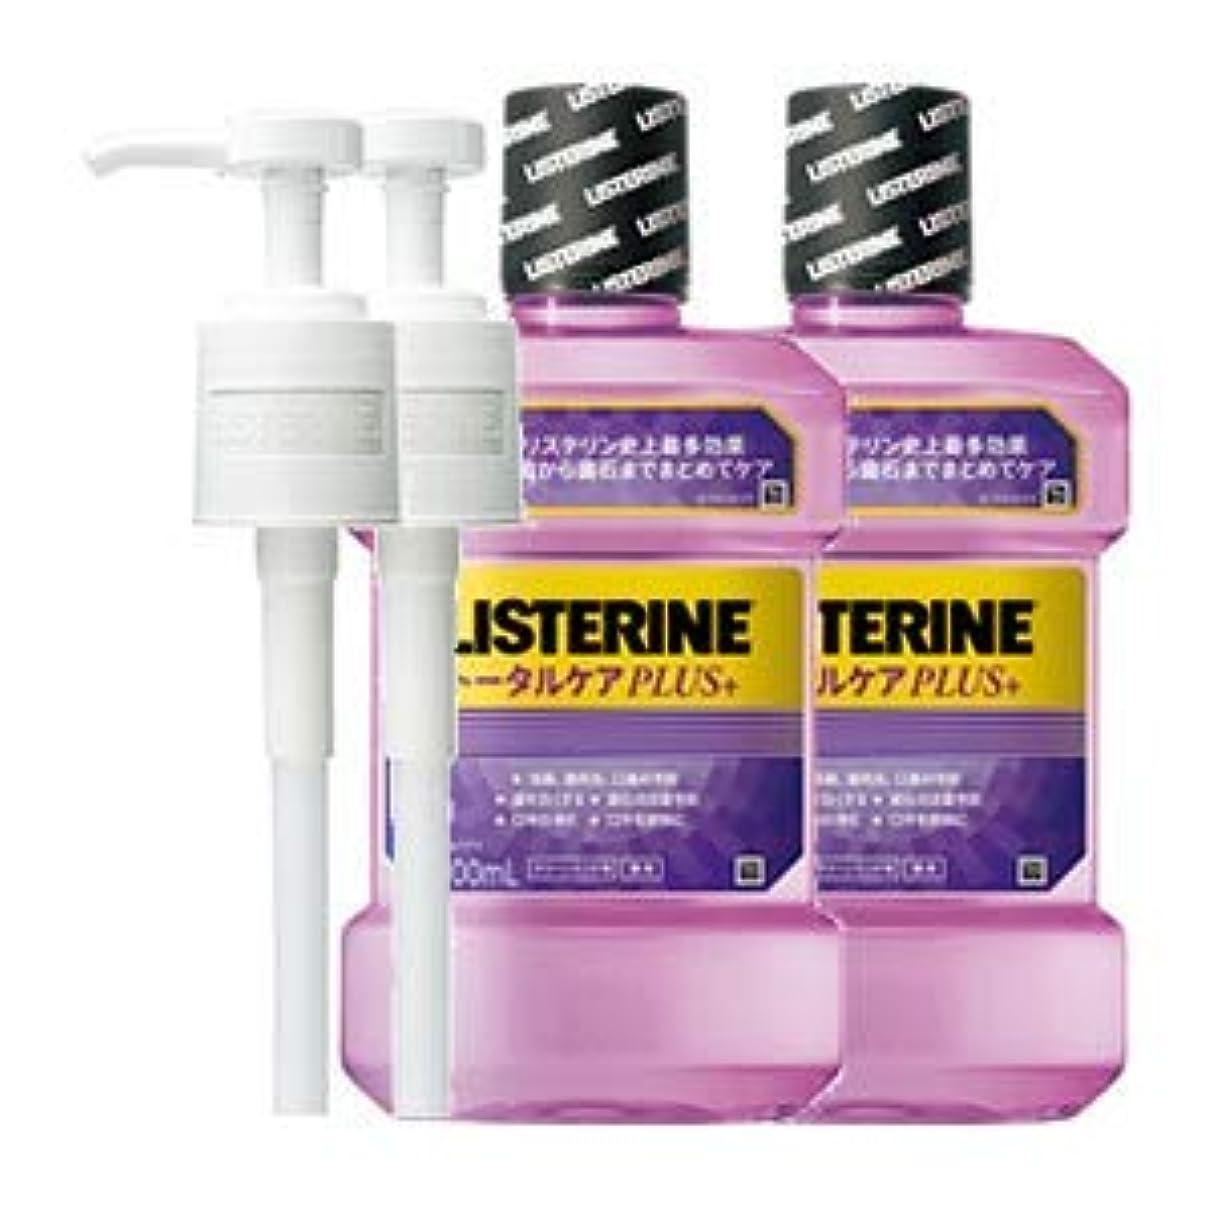 ブースト通貨エクステント薬用リステリン トータルケアプラス (液体歯磨) 1000mL 2点セット (ポンプ付)